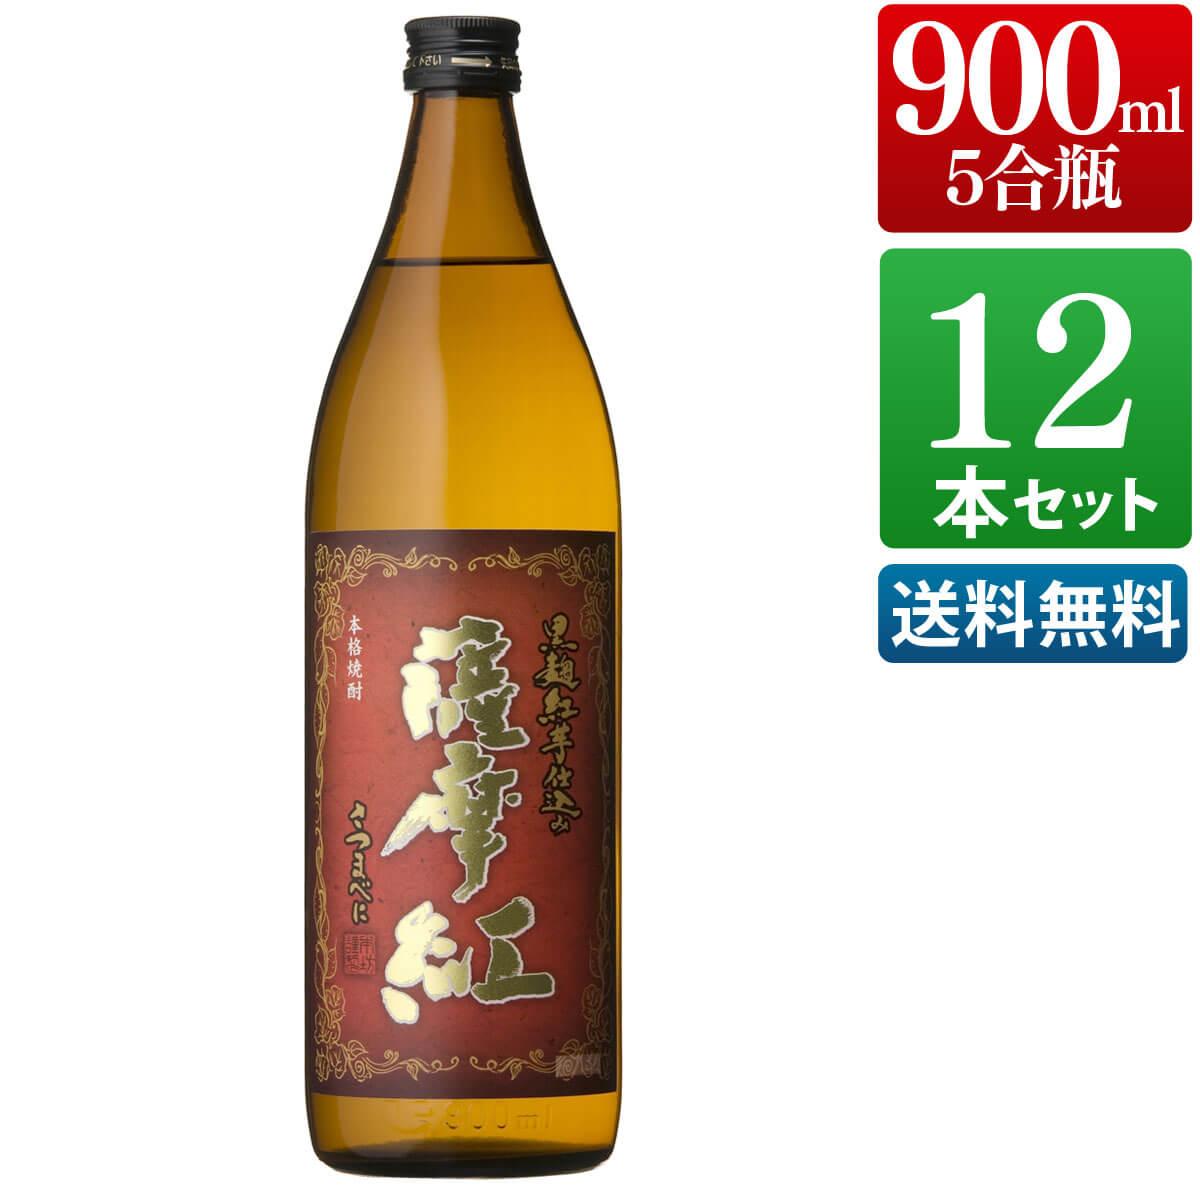 芋焼酎 12本セット 薩摩紅 25度 900ml [ 本坊酒造 芋焼酎 / 送料無料 ] 【本坊酒造 公式通販】